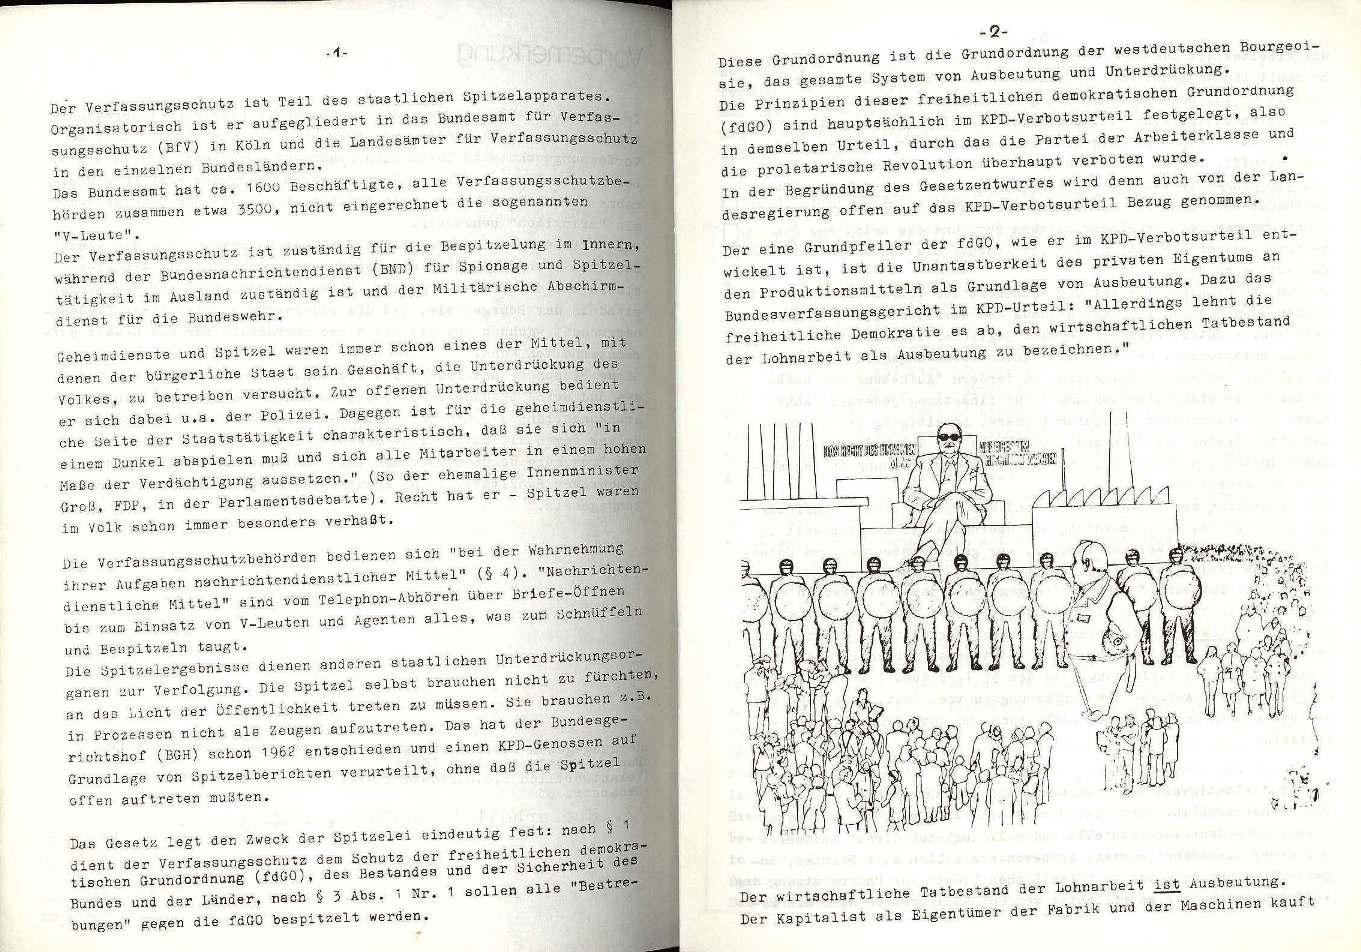 Hannover_Verfassungsschutzgesetz013